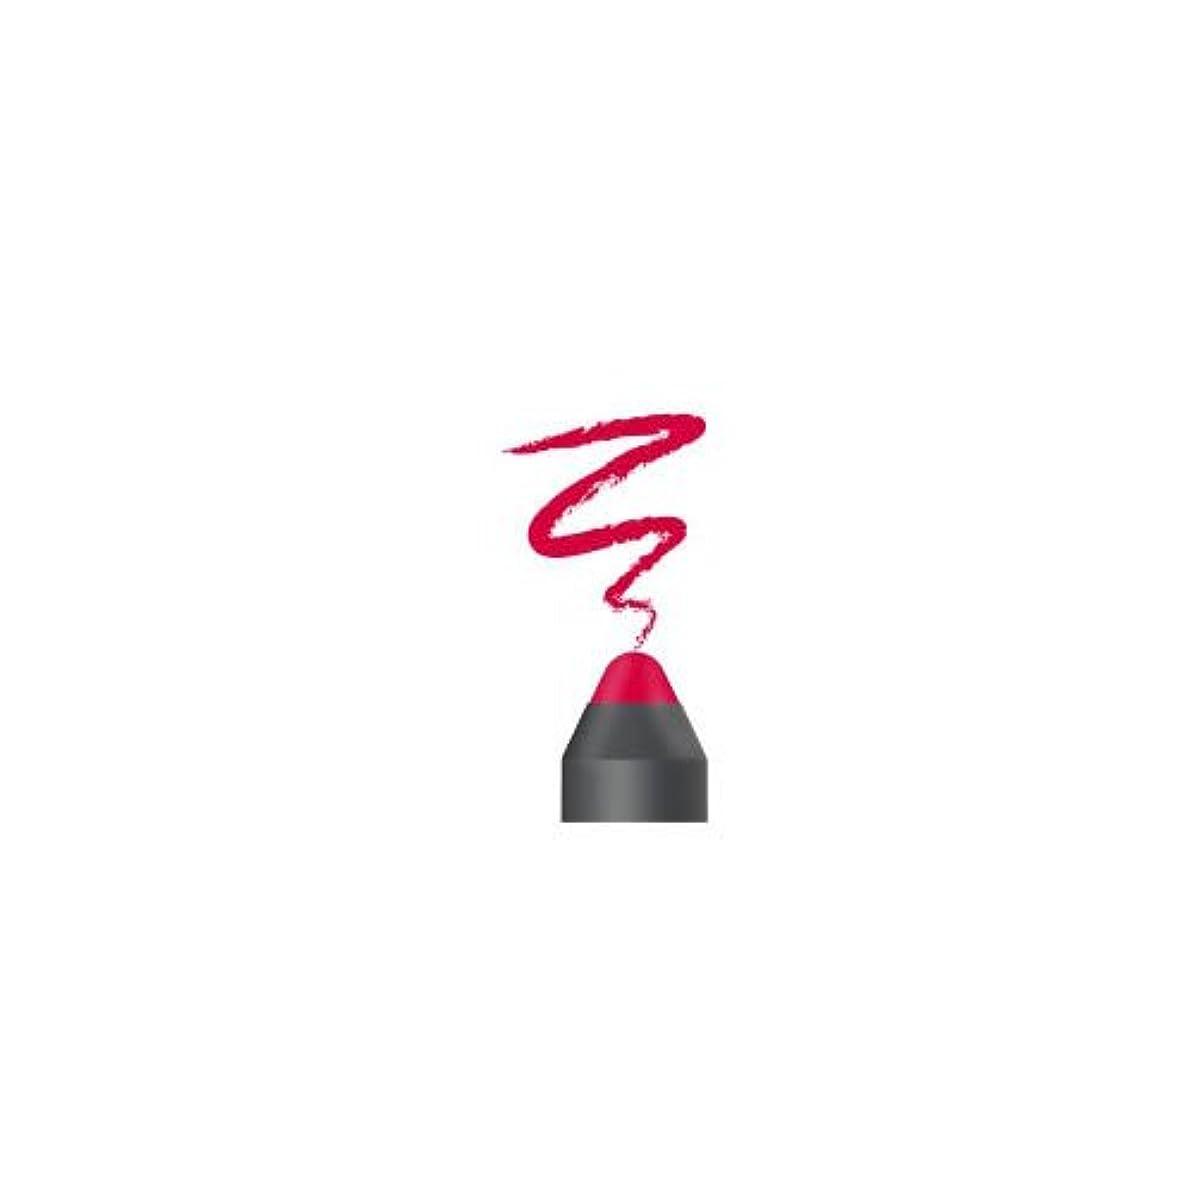 刺激する瀬戸際遮るザフェイスショップ [韓国コスメ THE FACE SHOP] メルティング カラー リップ クリーマー 08 Red Nouveau [海外直送品][並行輸入品]